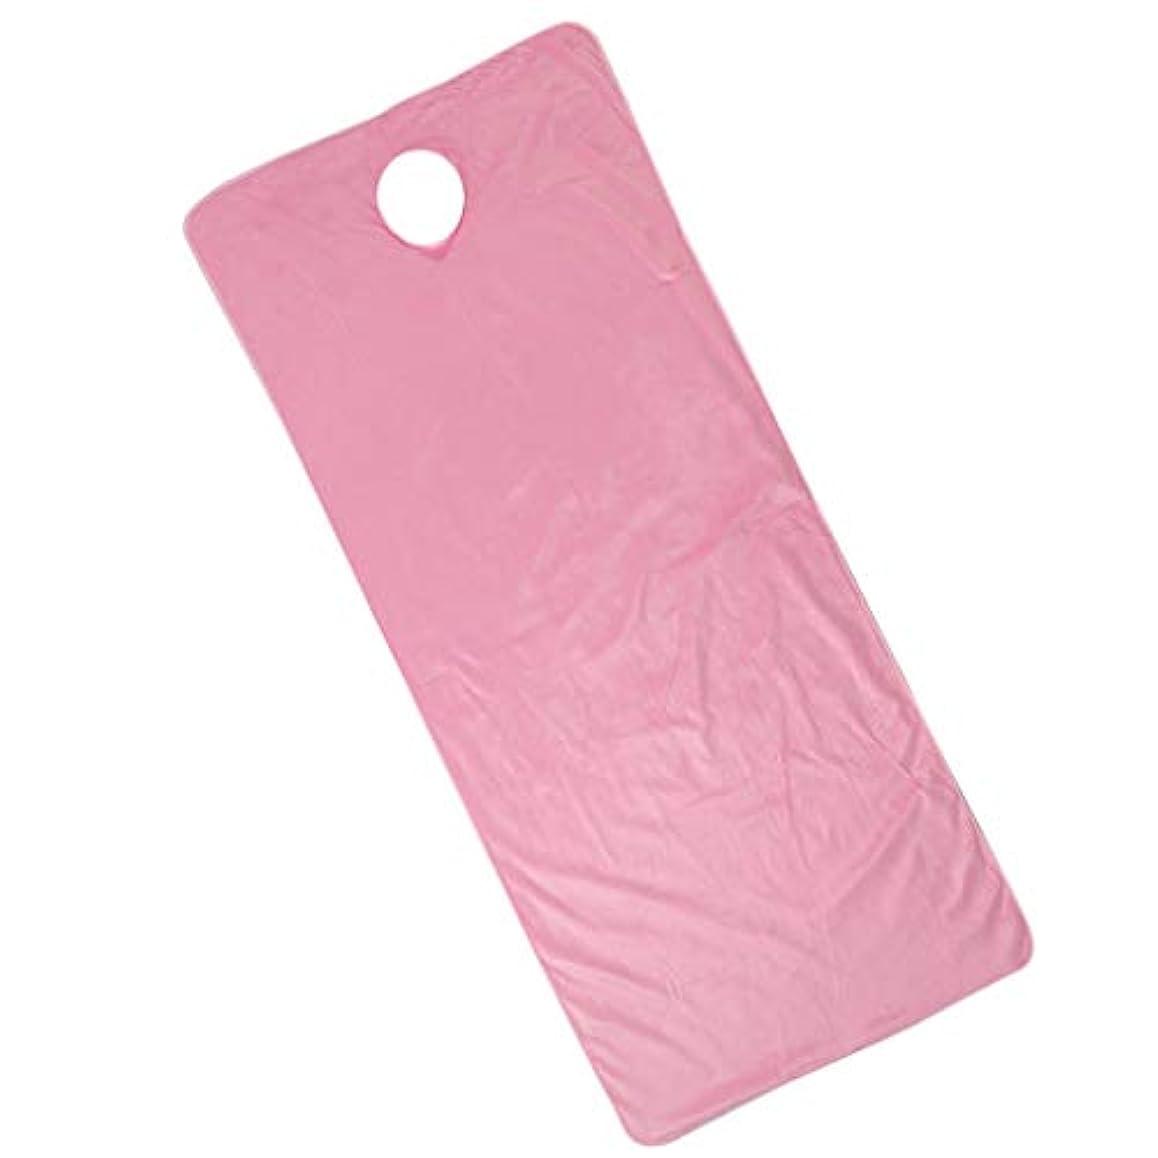 ヒューズモンゴメリードラゴン美容ベッドカバー 有孔 スパ マッサージベッドカバー ピンク